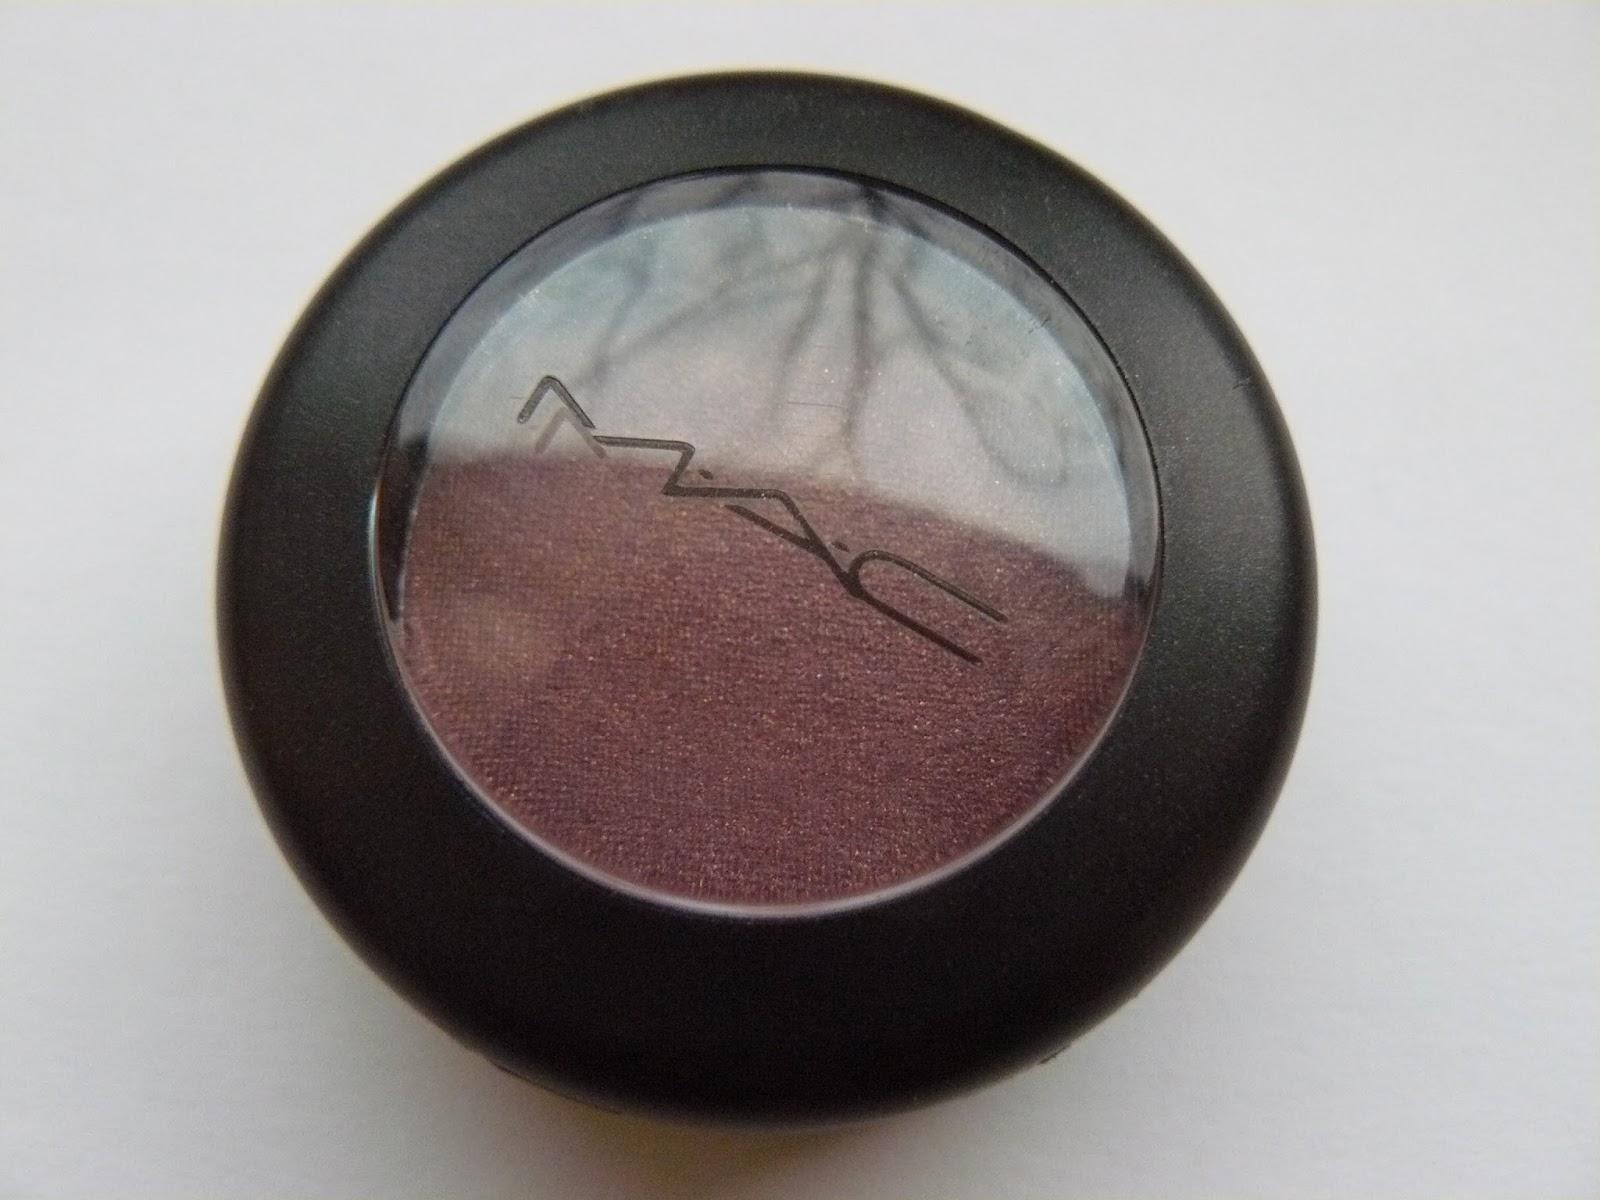 mac trax eyeshadow dupe - photo #13